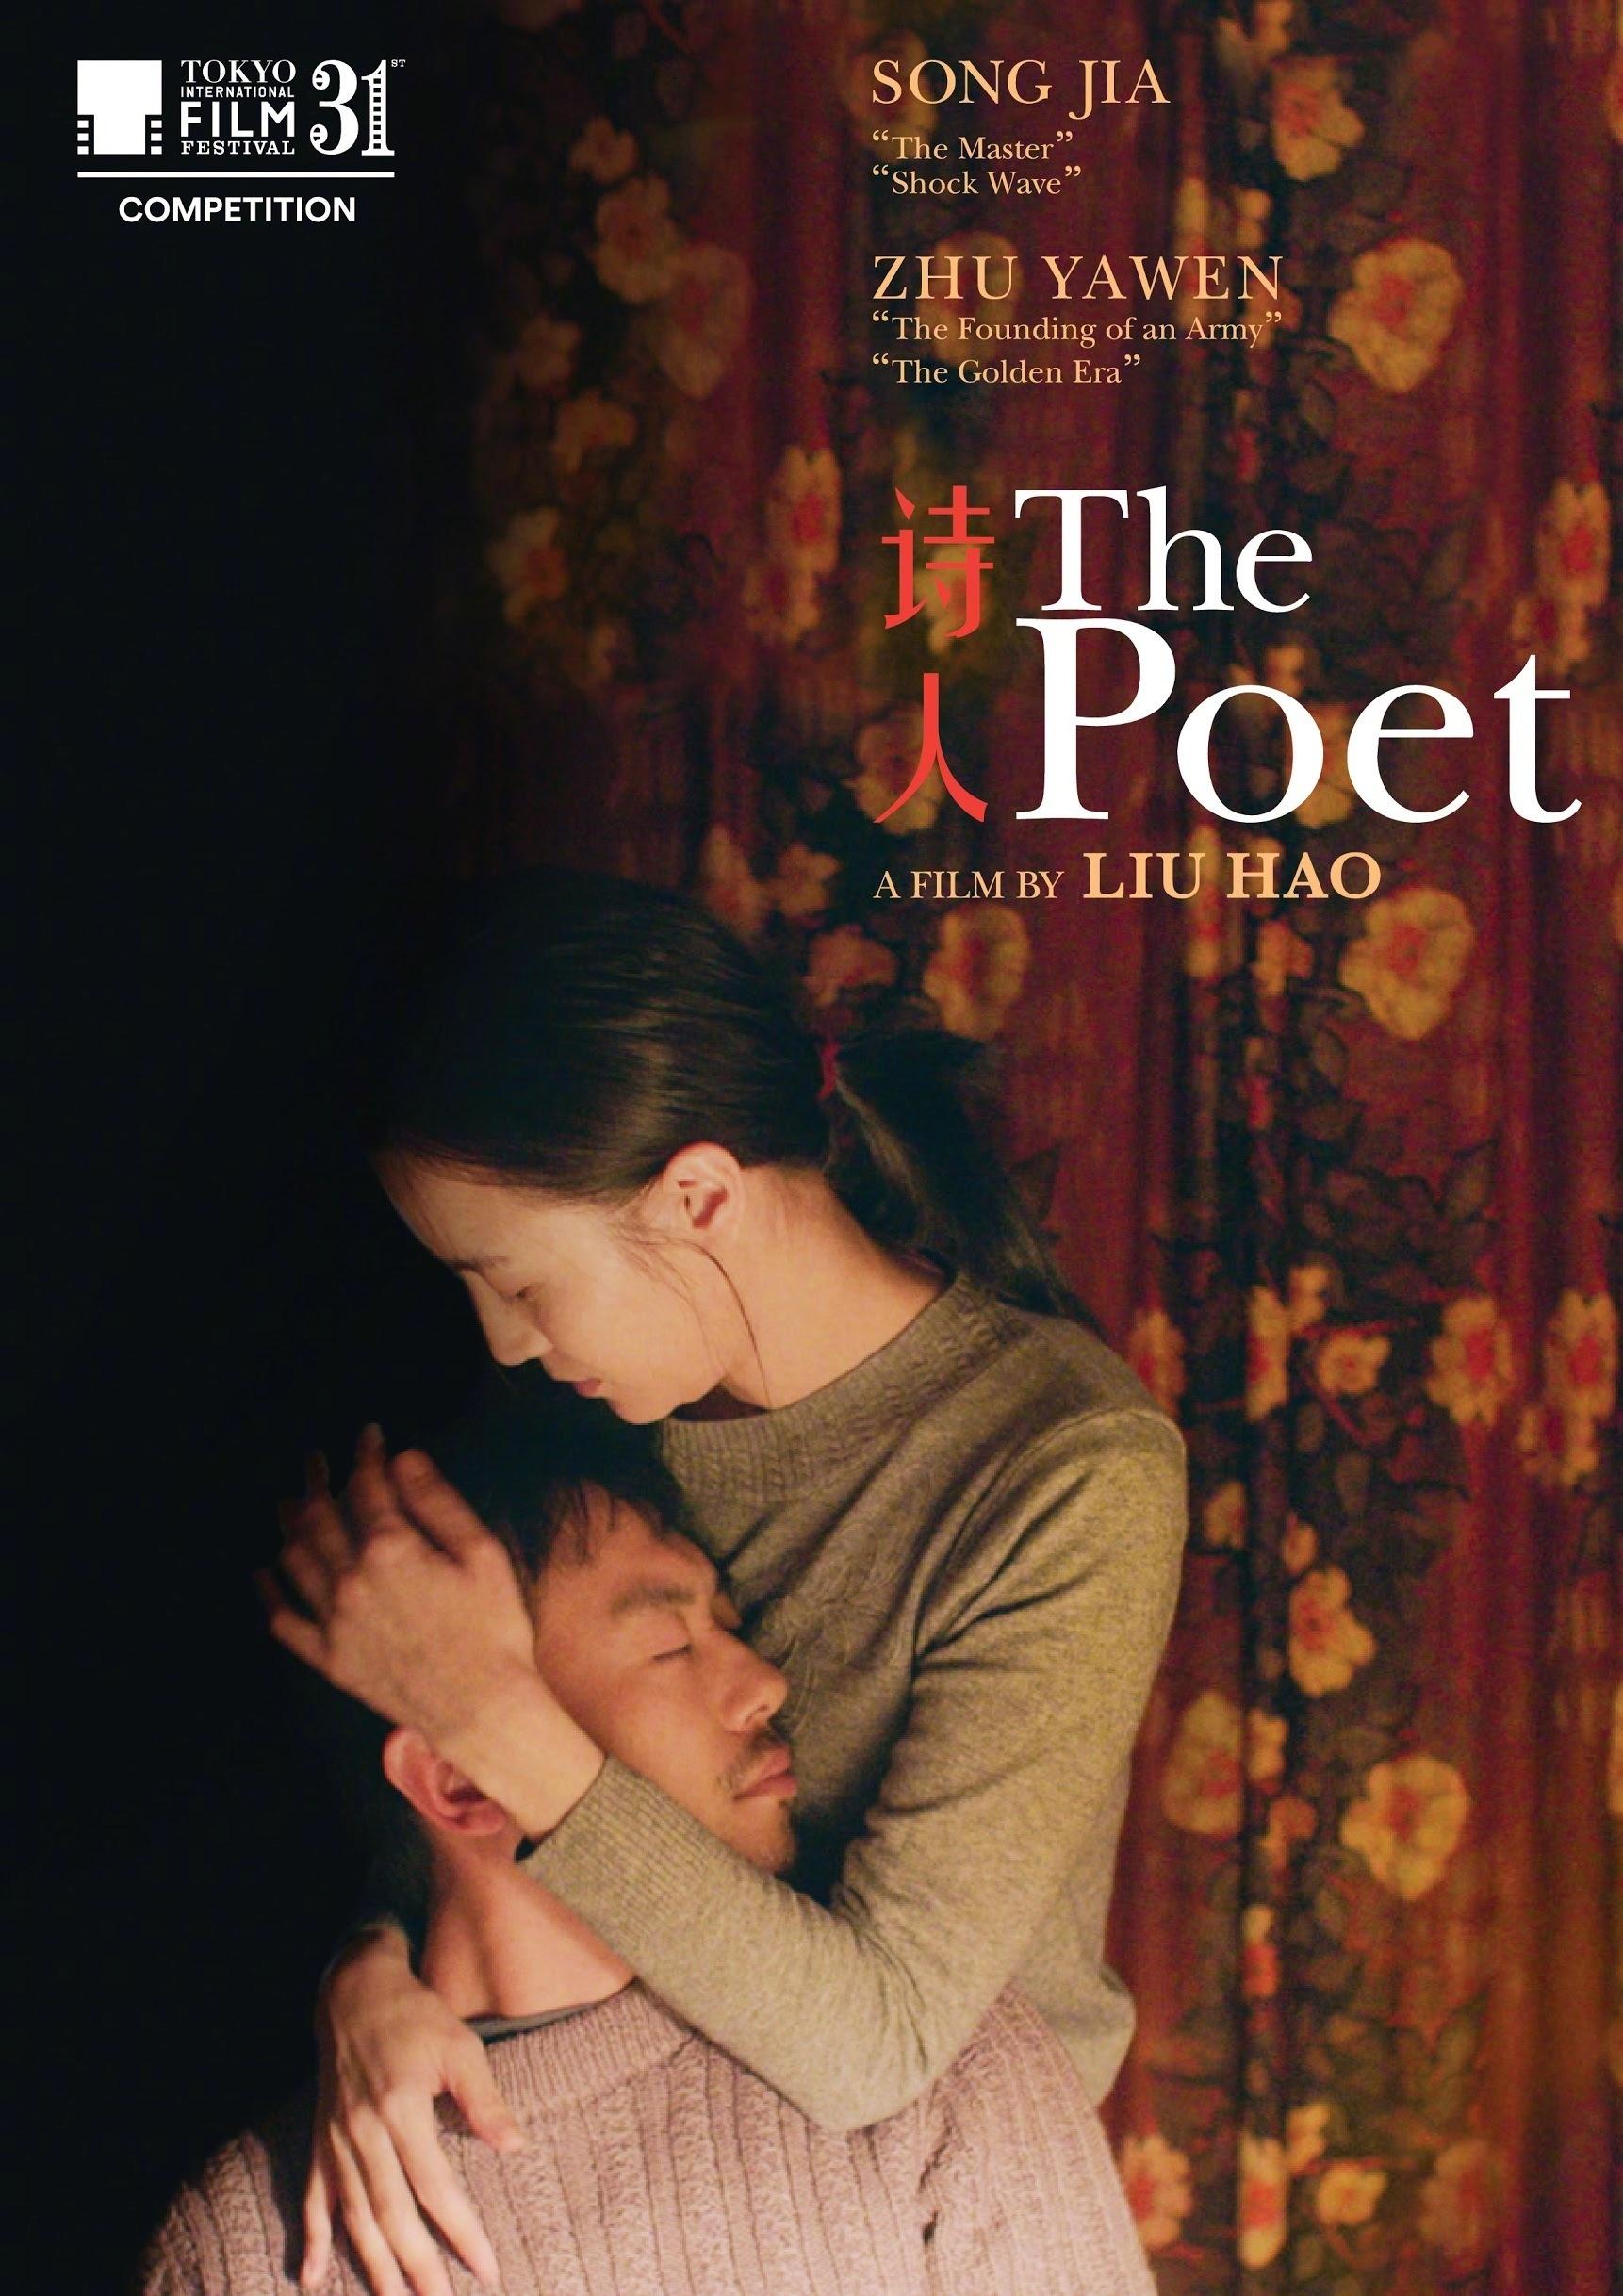 夫妻二人的亲密感情温柔性爱是影片中那片贫瘠的土壤之上的无限活